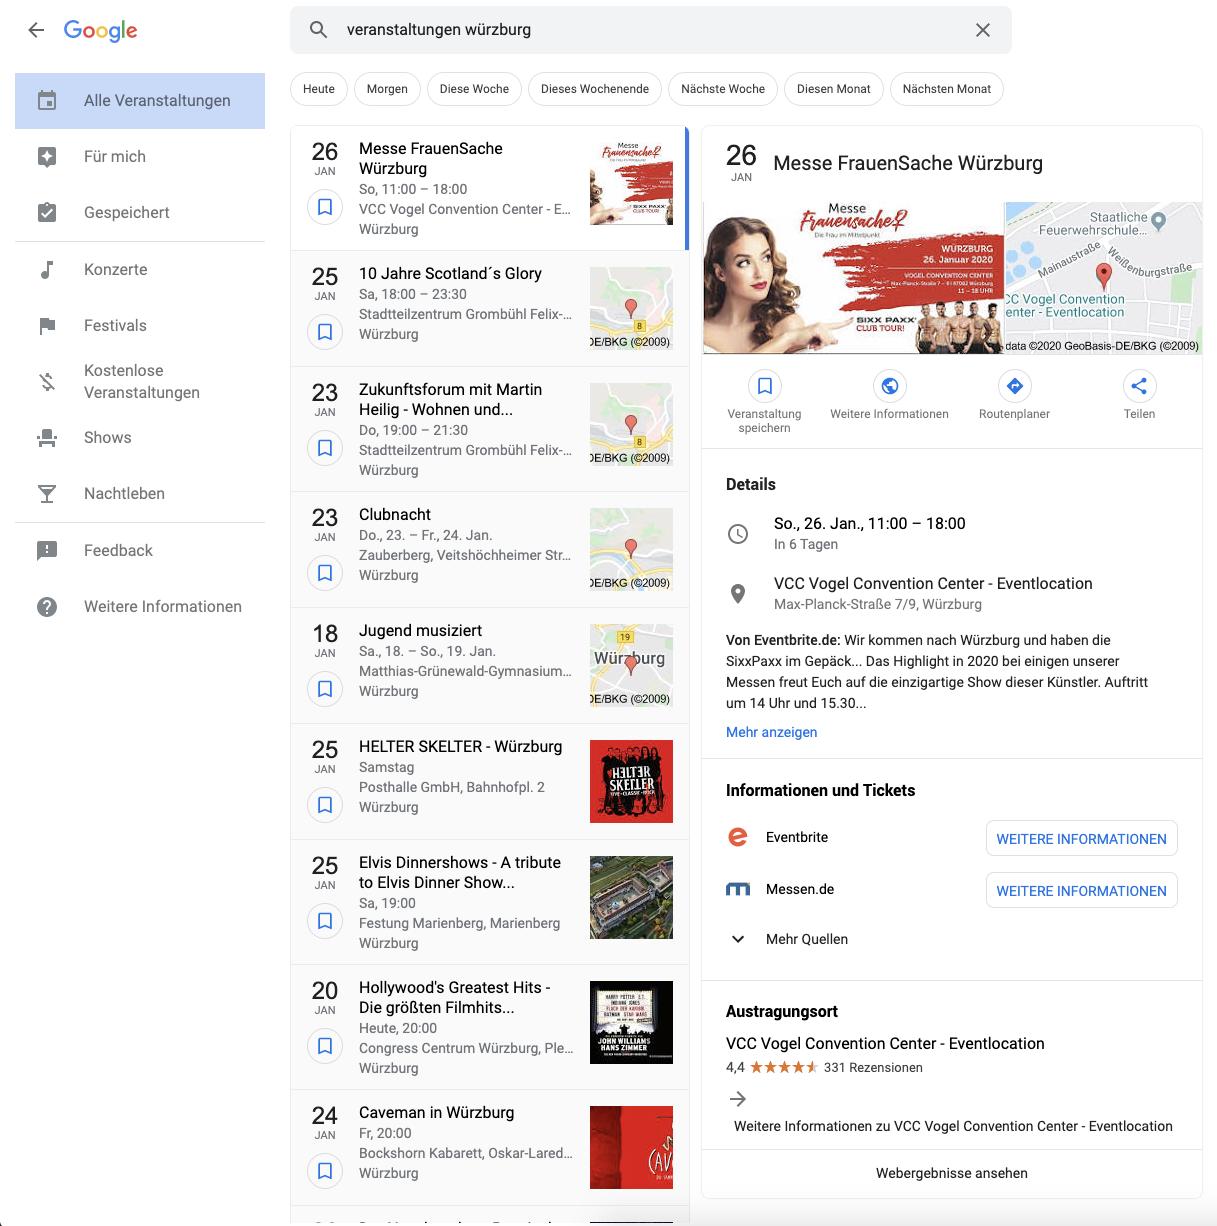 Veranstaltungen in den Suchergebnissen von Google